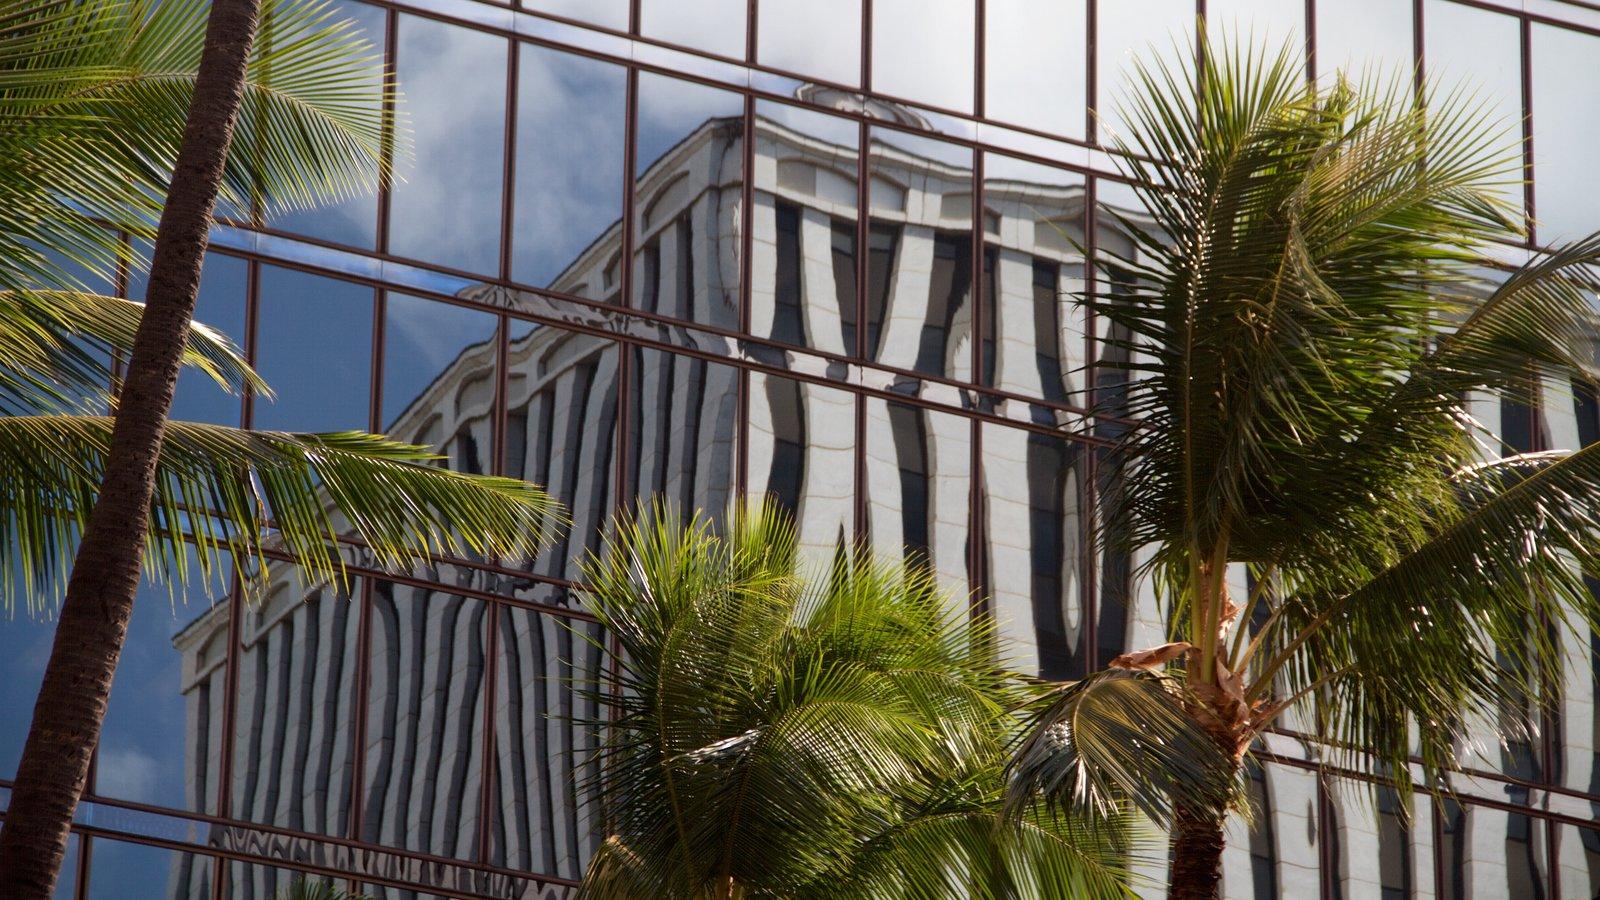 Honolulu caracterizando arquitetura moderna